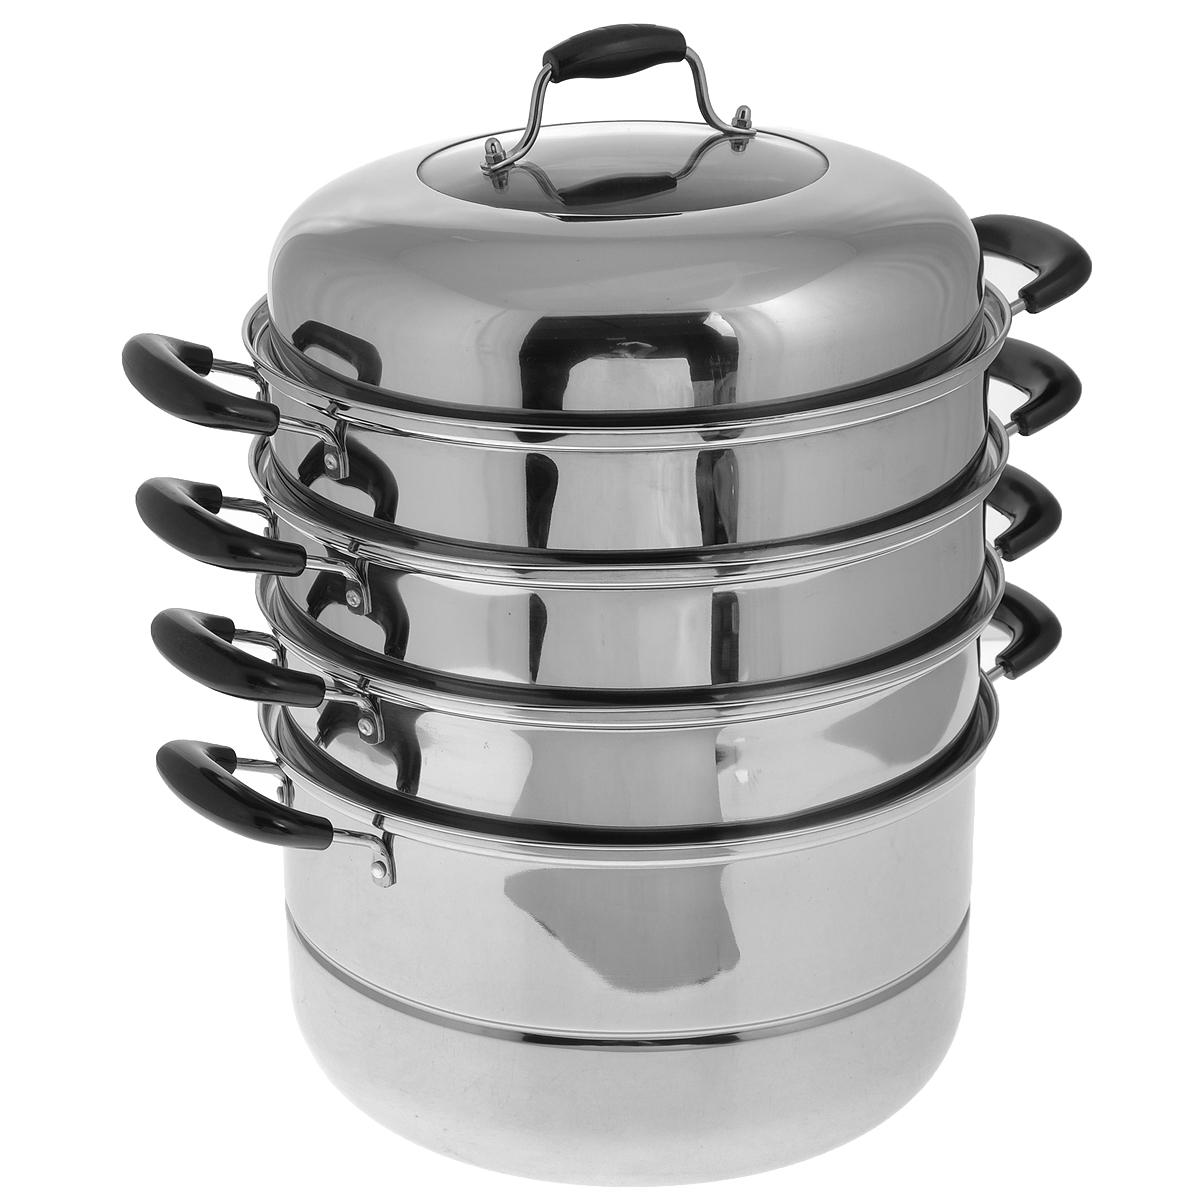 """Четырехъярусная мантоварка """"Mayer & Boch"""" изготовлена из нержавеющей стали с зеркальной полировкой. Изделие состоит из основной емкости-кастрюли, трех секций с отверстиями, диска с отверстиями и крышки. Специальный многоуровневый дизайн позволяет готовить до четырех различных блюд одновременно. Идеально подходит для национальных блюд как манты, котлеты, овощи, пельмени на пару и т.д. Блюда, приготовленные пару, являются самыми здоровыми и полезными, так как при их приготовлении не используется масло и жир. Они сохраняют все питательные вещества и витамины. Мантоварка оснащена удобными ненагревающимися ручками из бакелита черного цвета. Крышка из нержавеющей стали оснащена стеклянным окошком и бакелитовой ручкой. Подходит для газовых, электрических, стеклокерамических плит. Можно мыть в посудомоечной машине.     Характеристики: Материал: нержавеющая сталь 18/10, бакелит, стекло. Объем кастрюли: 12 л. Диаметр: 32 см. Размер упаковки: 36,5 см х 36,5 см х 38,5 см. Артикул: 21465."""